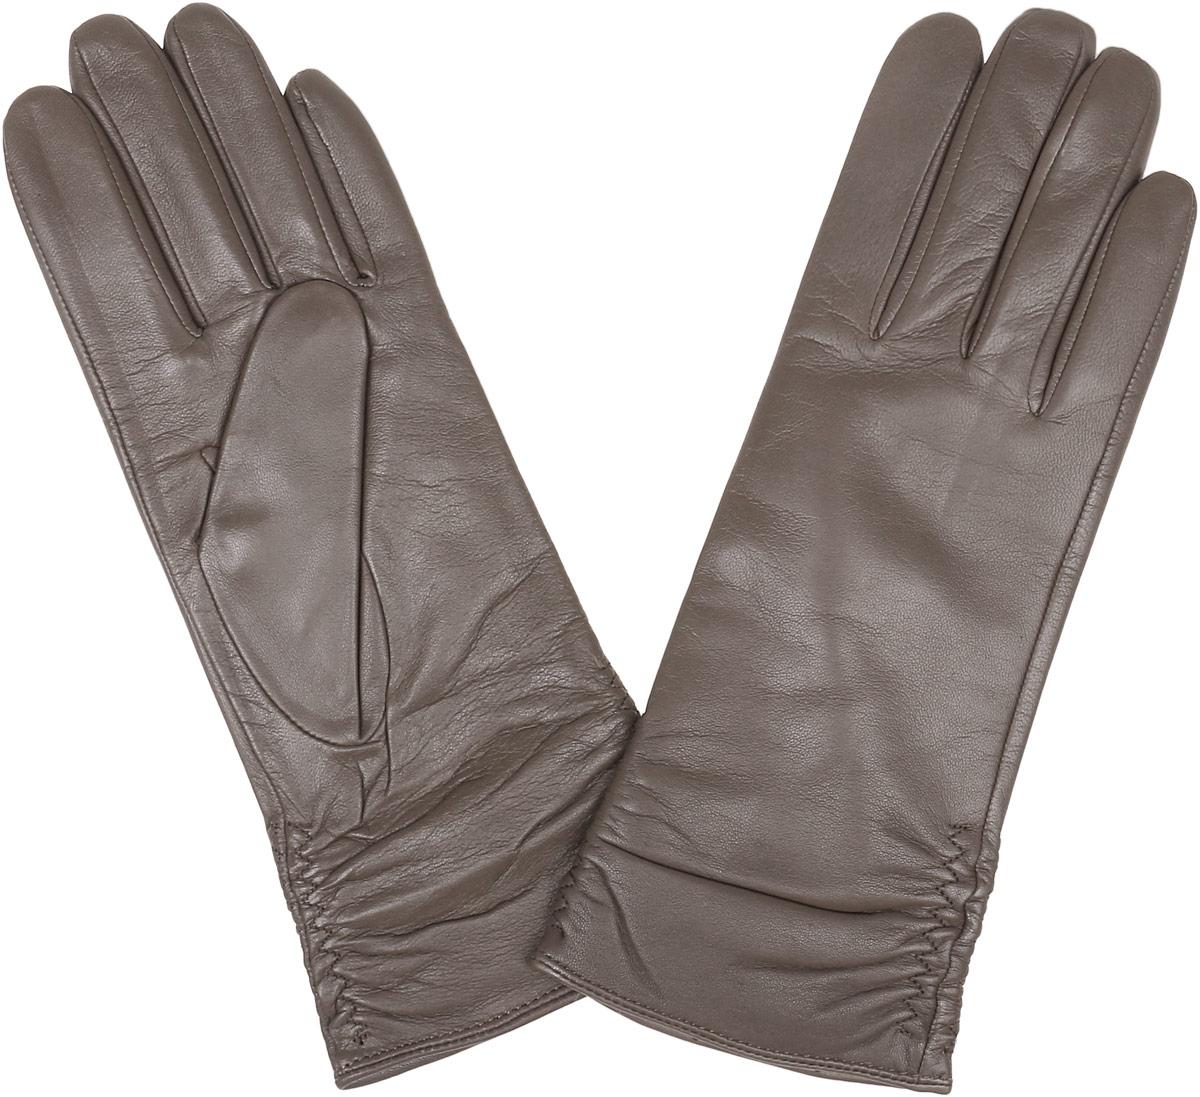 Перчатки женские Fabretti, цвет: какао. 12.25-10. Размер 6,512.25-10 taupeСтильные женские перчатки Fabretti не только защитят ваши руки, но и станут великолепным украшением. Перчатки выполнены из натуральной кожи ягненка, а их подкладка - из высококачественной шерсти с добавлением кашемира.Модель оформлена оригинальными строчками-стежками, которые дополнены эластичной резинкой. Стильный аксессуар для повседневного образа.